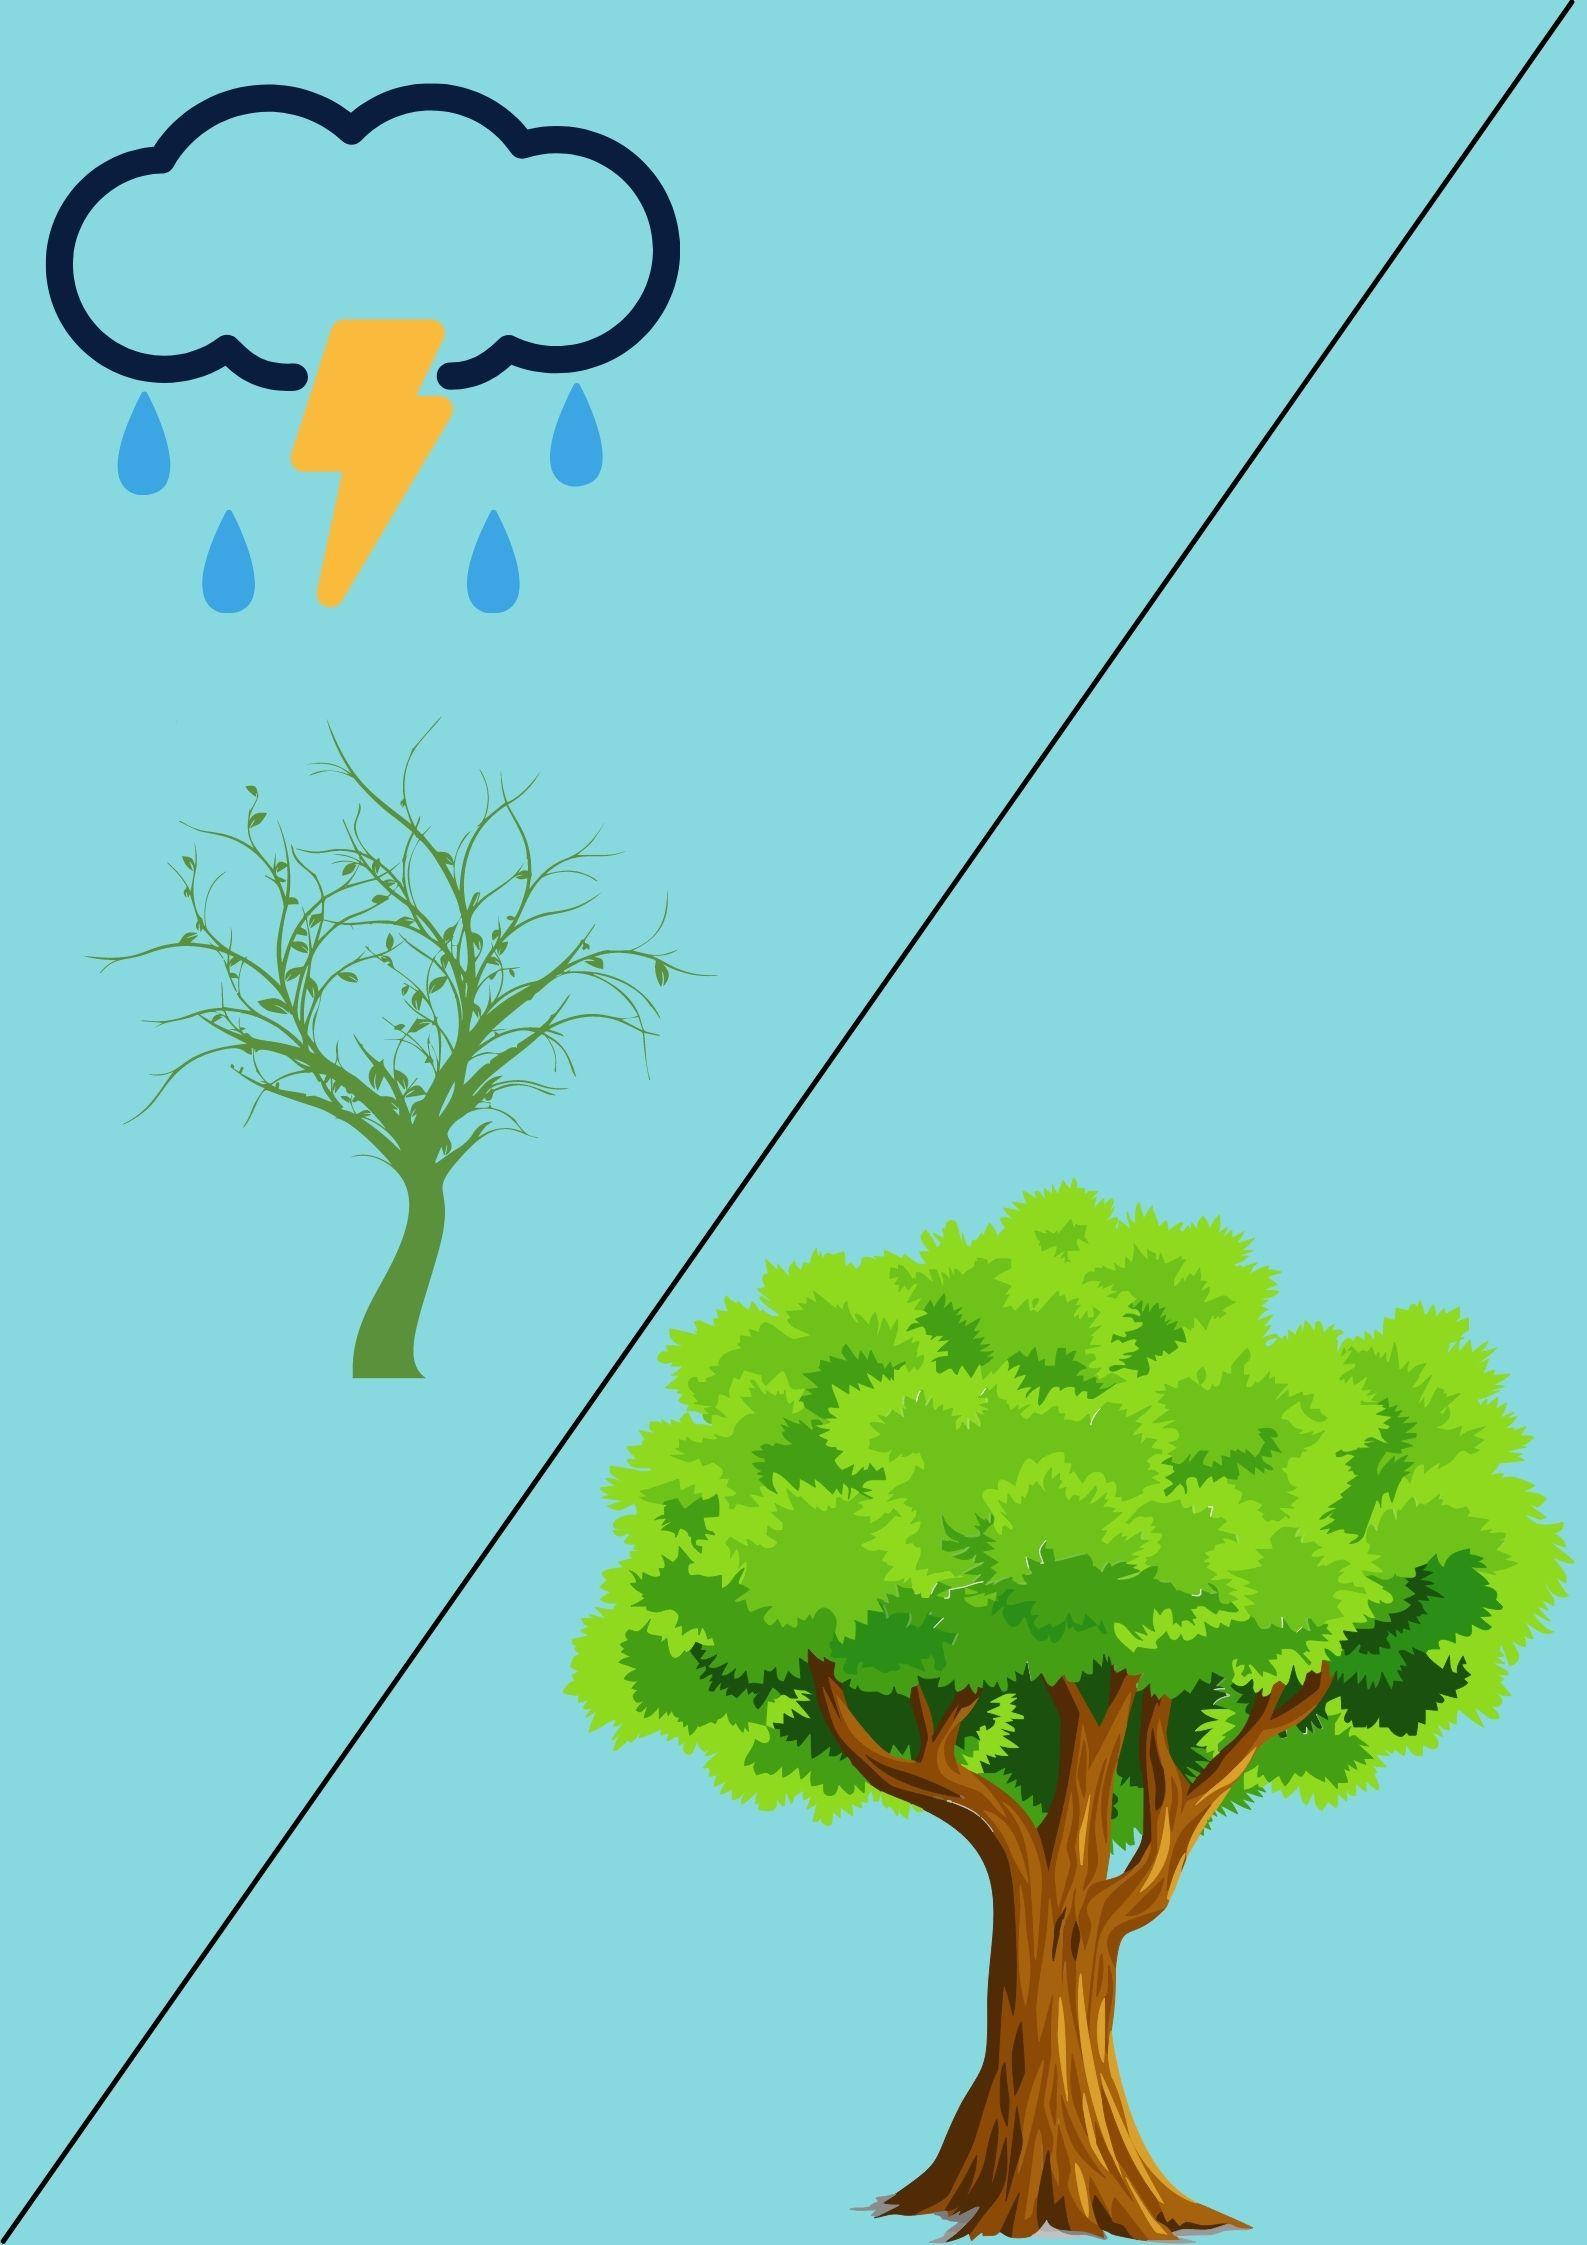 Ilustrasi pepatah风暴使树木深深扎根 dibacafēng bào shǐ shù mù shēn shēn zhā gēn yang mengajarkan manusia harus jadi pribadi yang kuat meskipun kena badai akan menjadi seperti pohon (sebelah kanan) kuat dan tinggi. Sumber: Dokumentasi Penulis